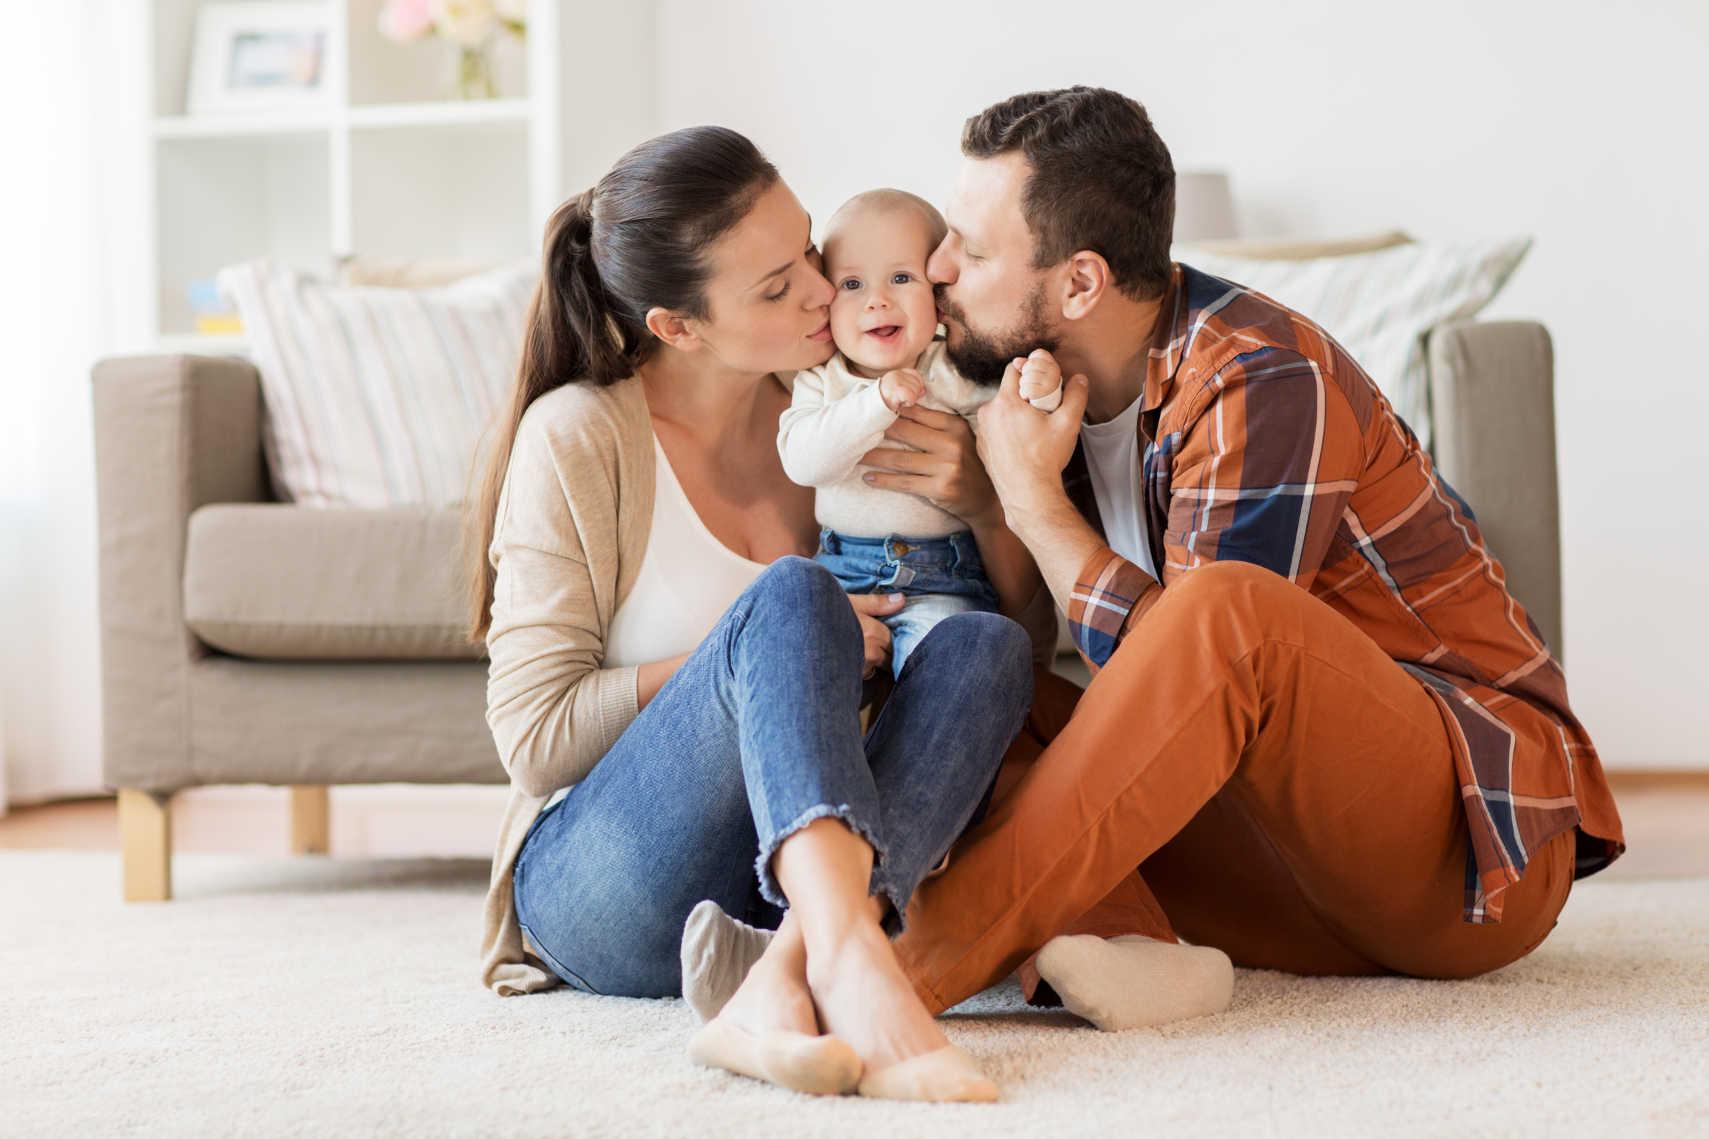 Familie mit Kind nutzt Gesundheitstelefon